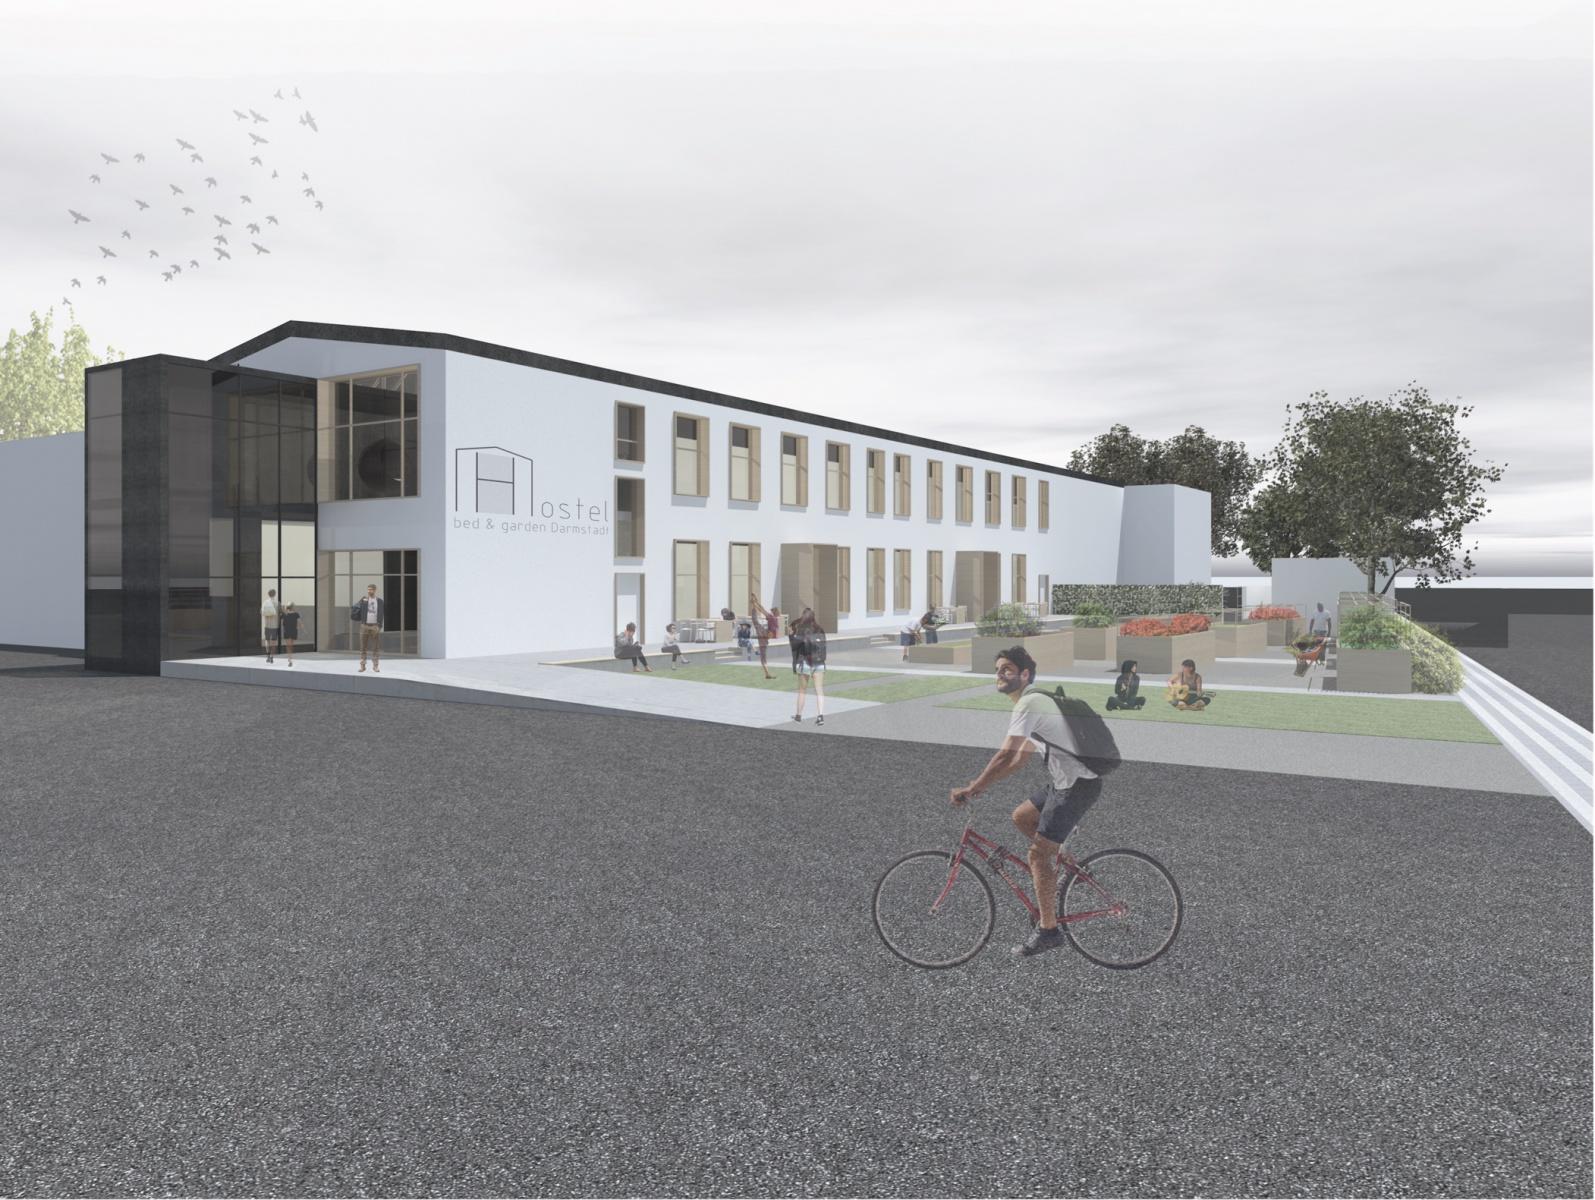 innenarchitektur studieren an der hochschule darmstadt, Innenarchitektur ideen